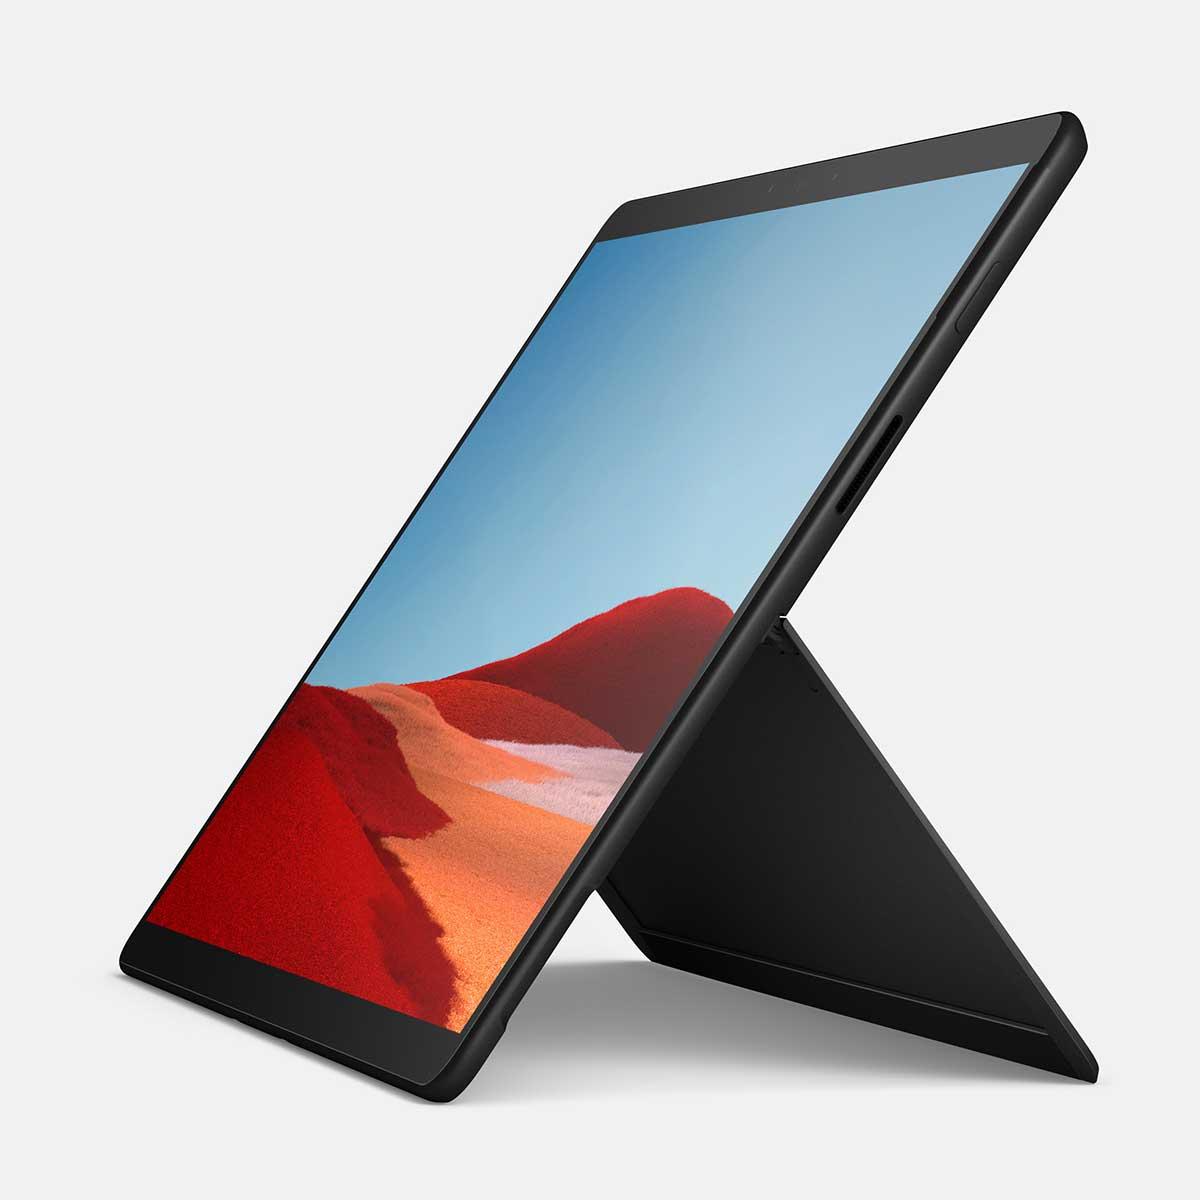 【今週発売の注目製品】マイクロソフトから、LTEに対応した「Surface Pro X」が登場